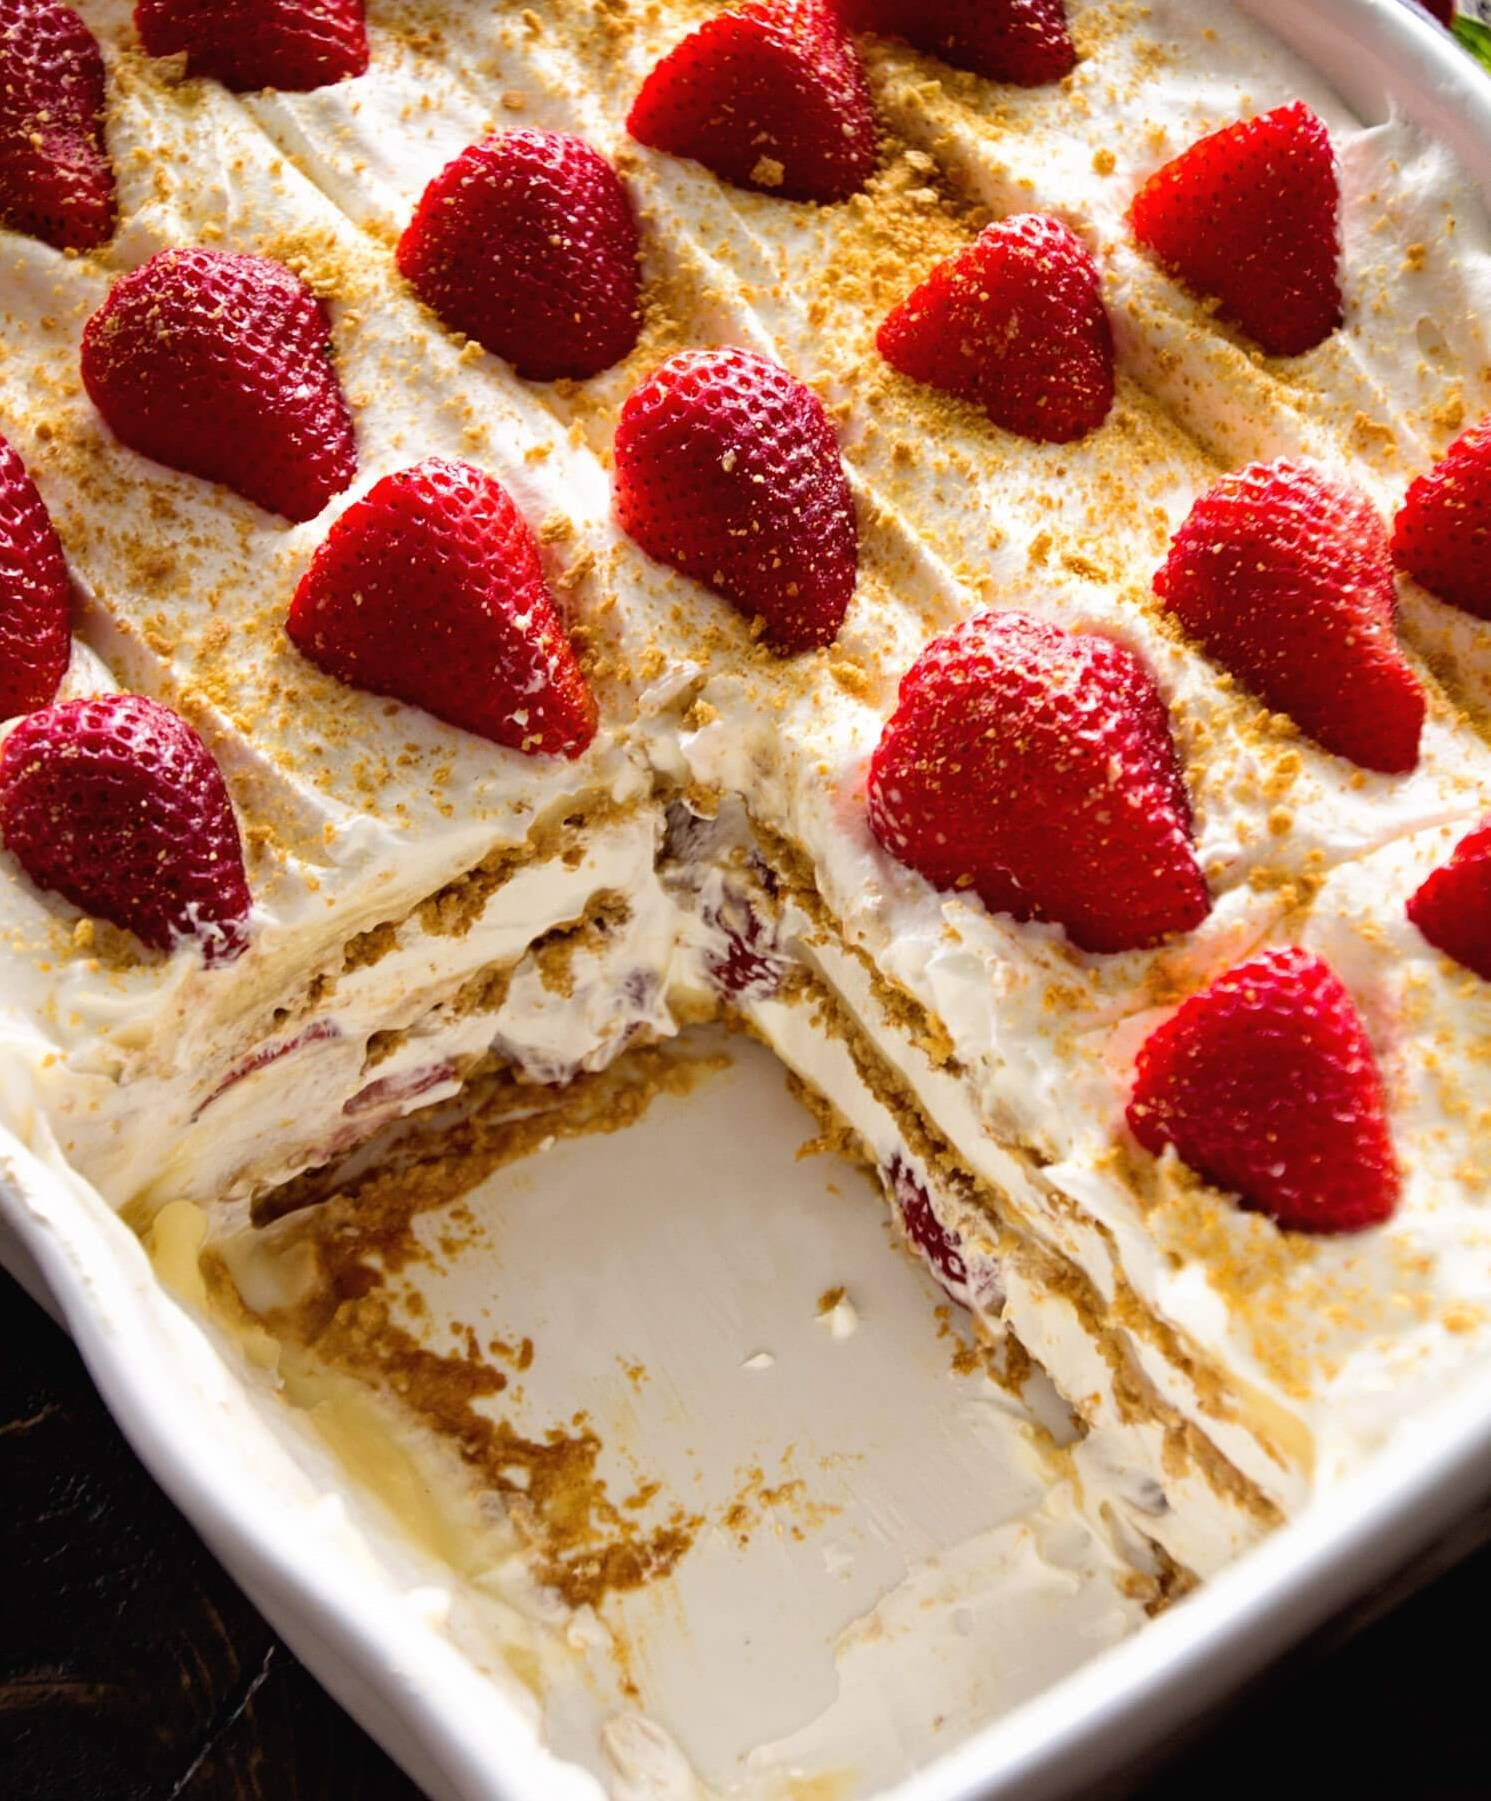 No Bake Graham Cracker Cheesycake